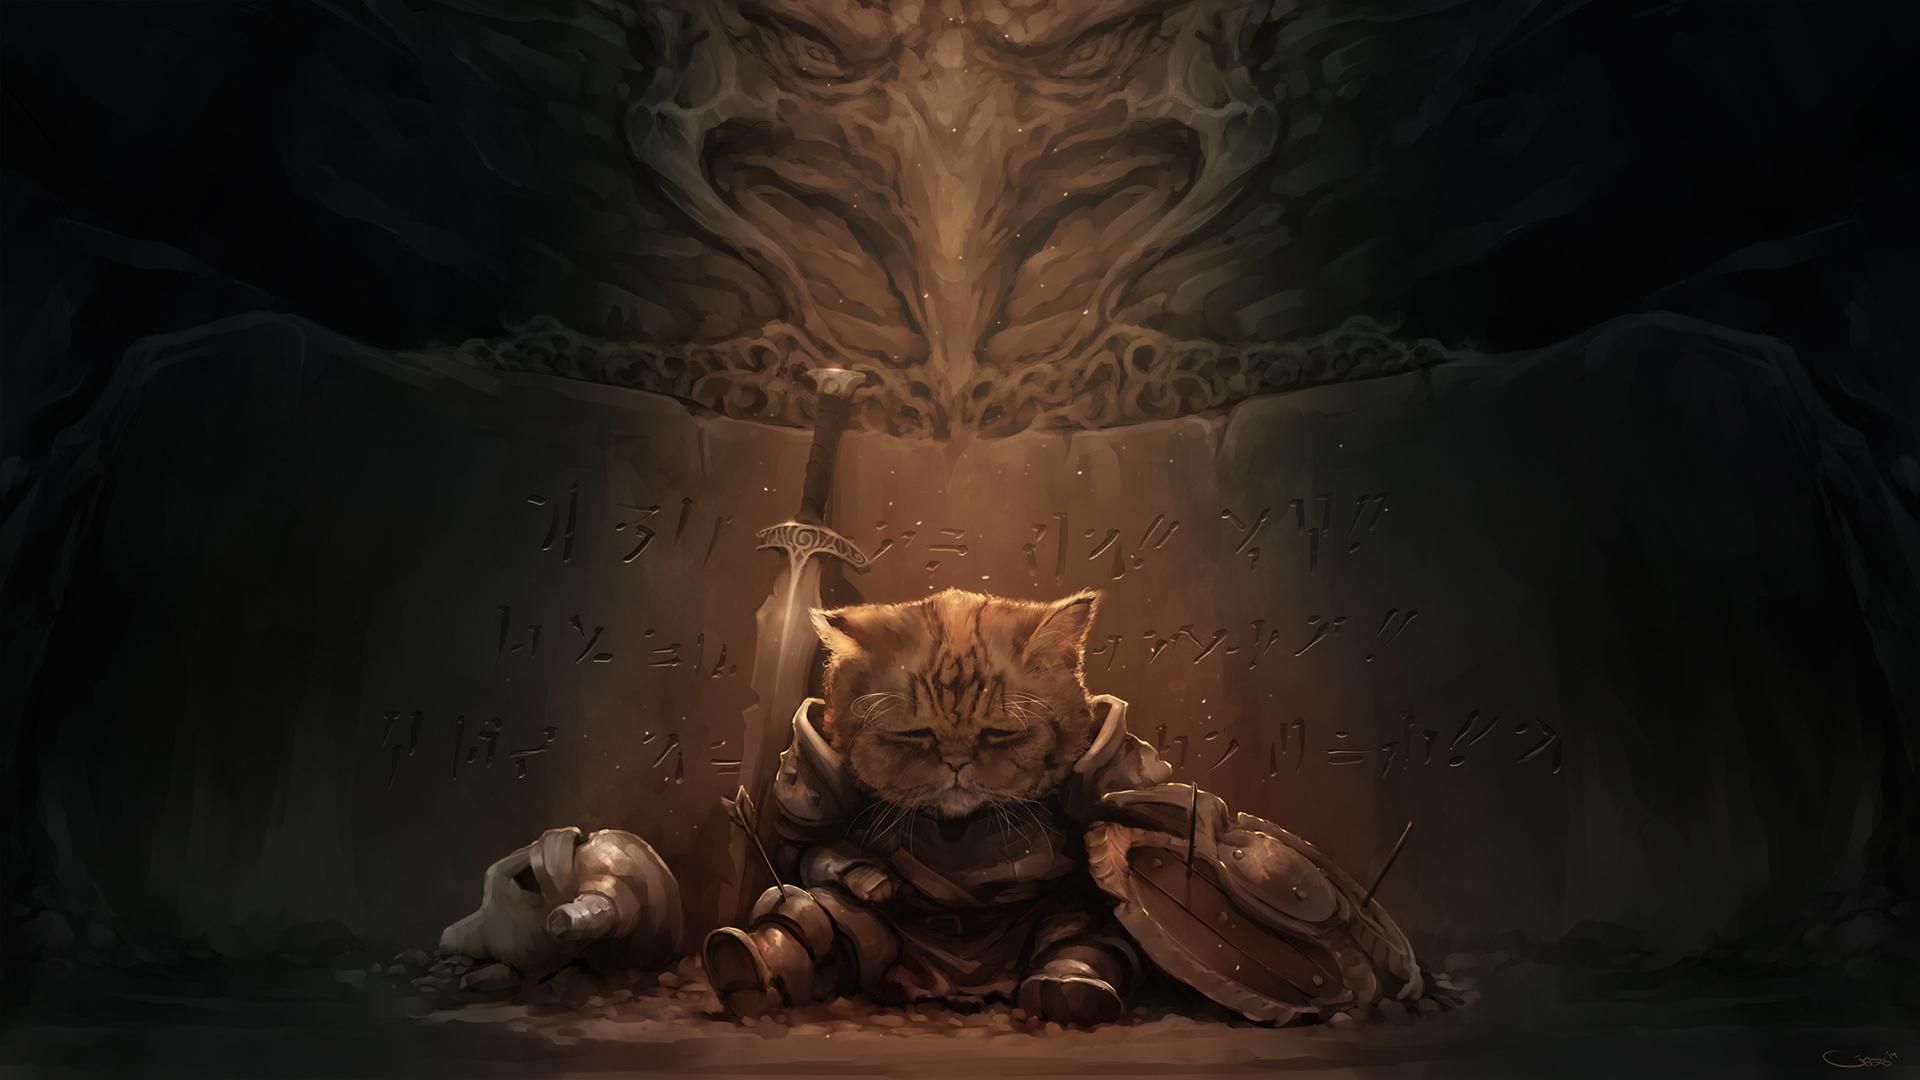 Nästa Elder Scrolls bör utspelas i Elsweyr